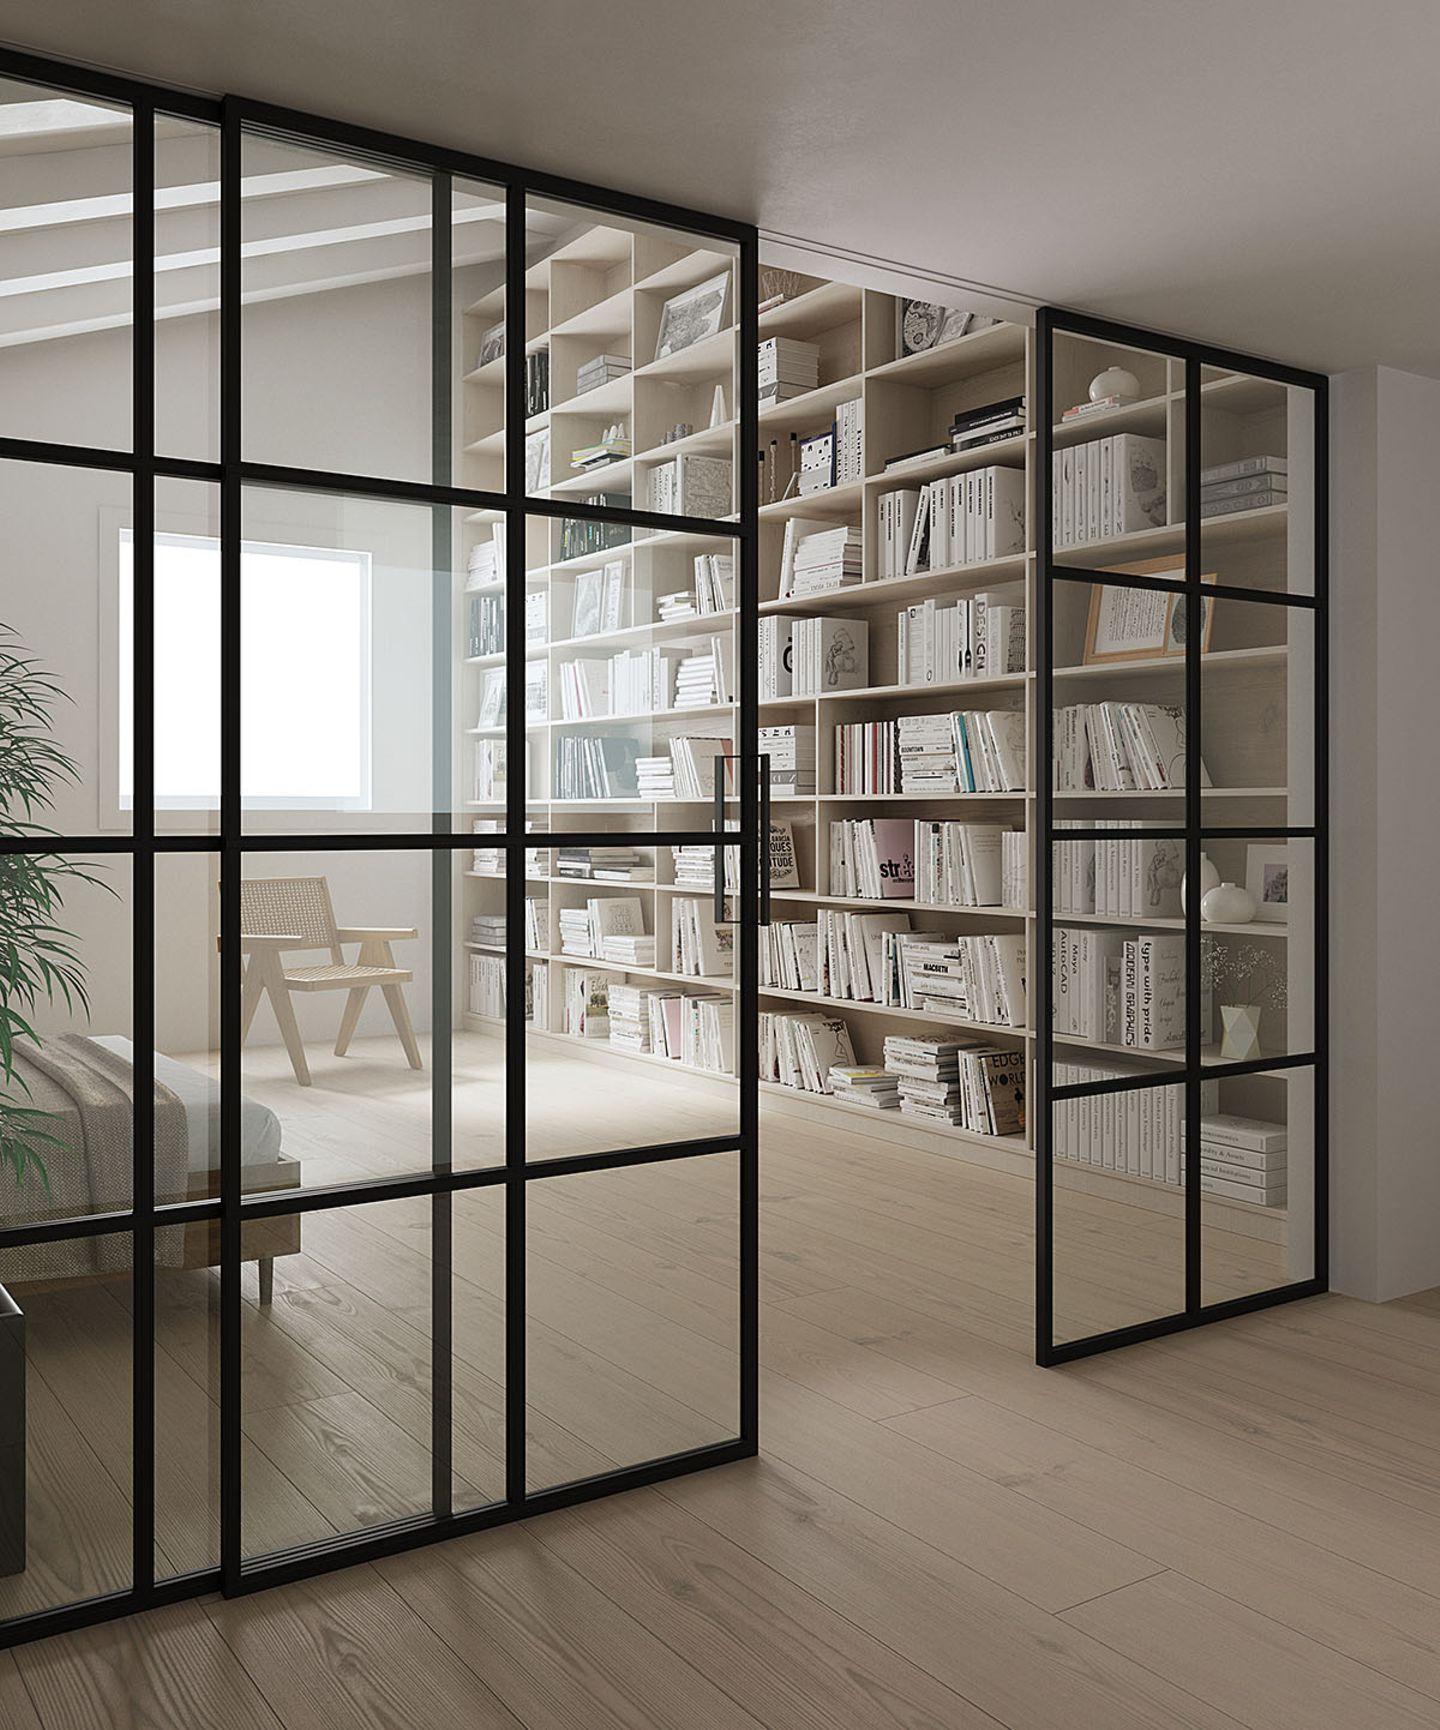 Lofttür aus Glas und Stahl von Holzconnection am Wohnzimmer.